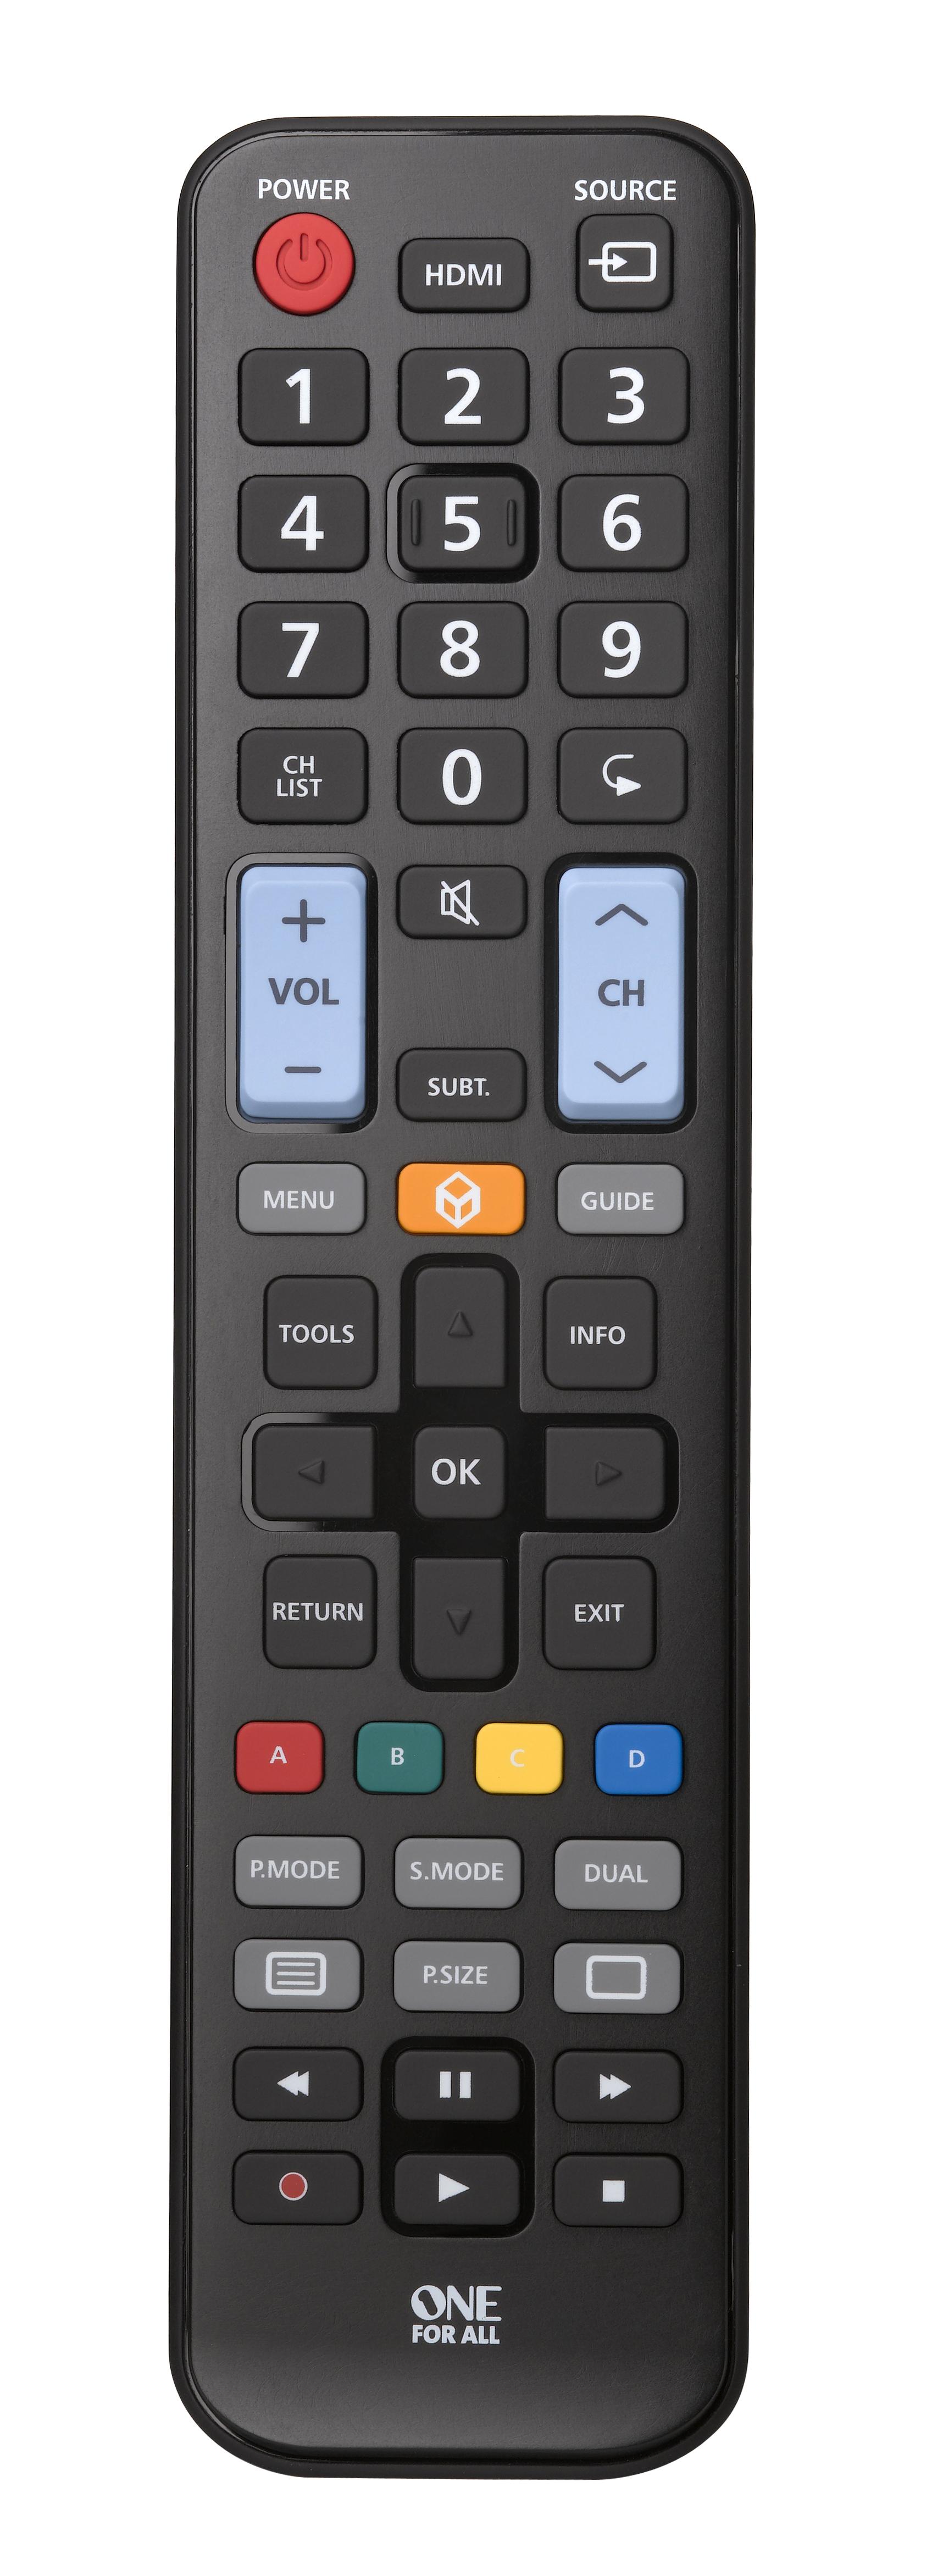 Пульт универсальный OneForAll URC1910 для телевизоров Samsung